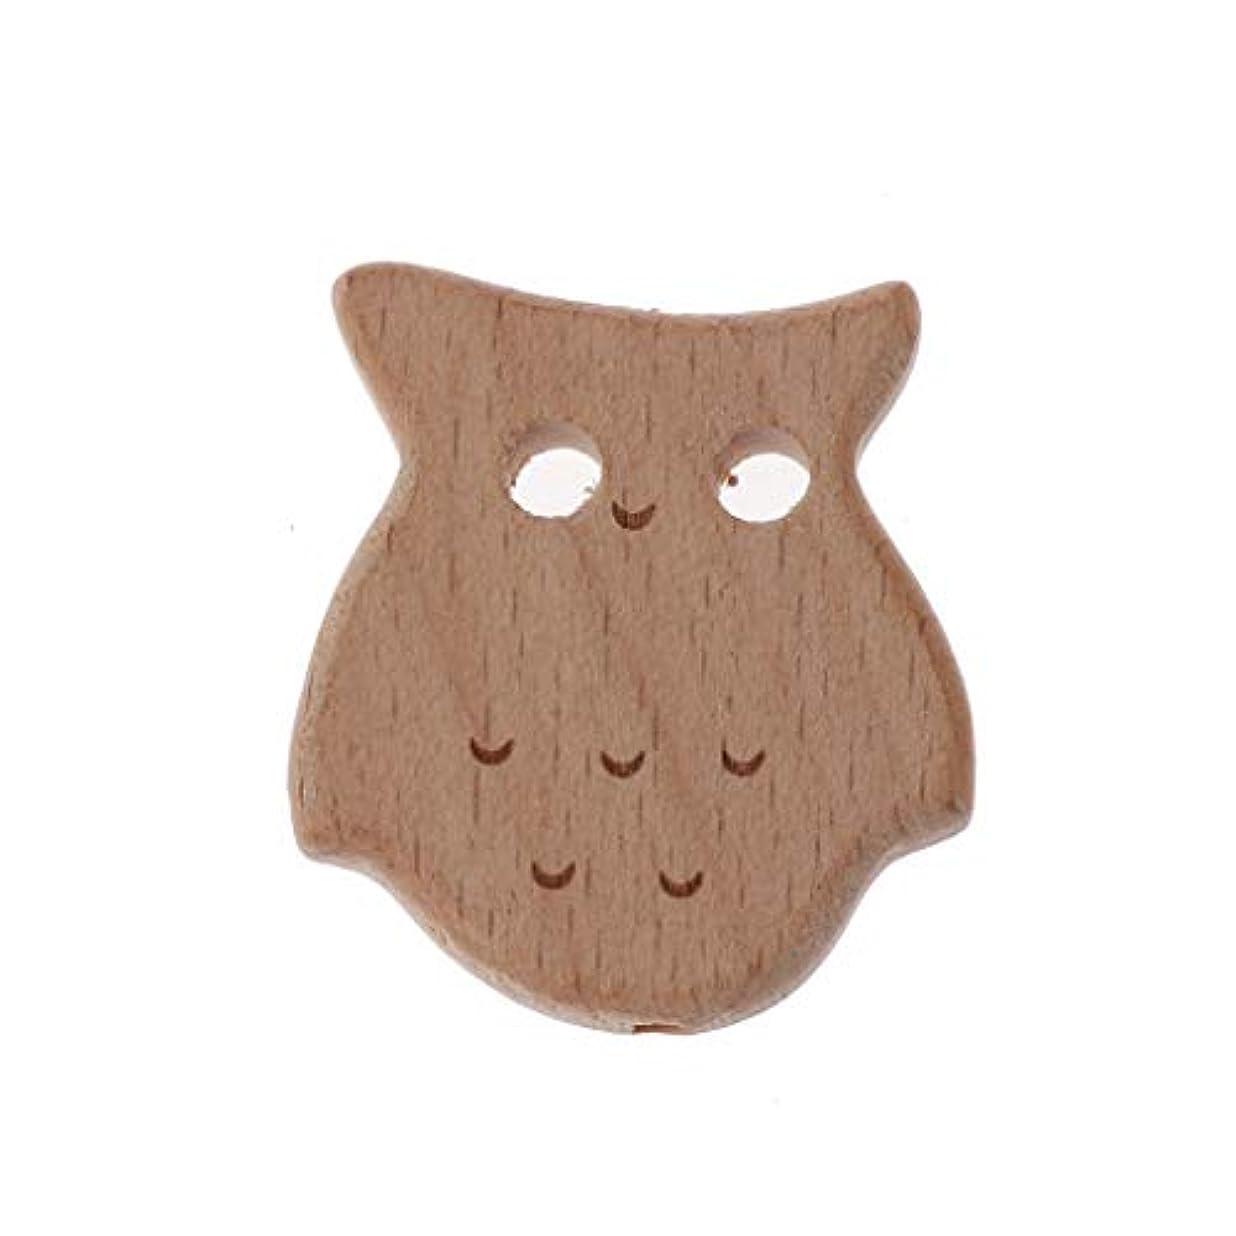 Landwoodウッド歯が生えるビーズニレ動物ビーズ赤ちゃんのおもちゃDIYおしゃぶりチェーンアクセサリー - フクロウ